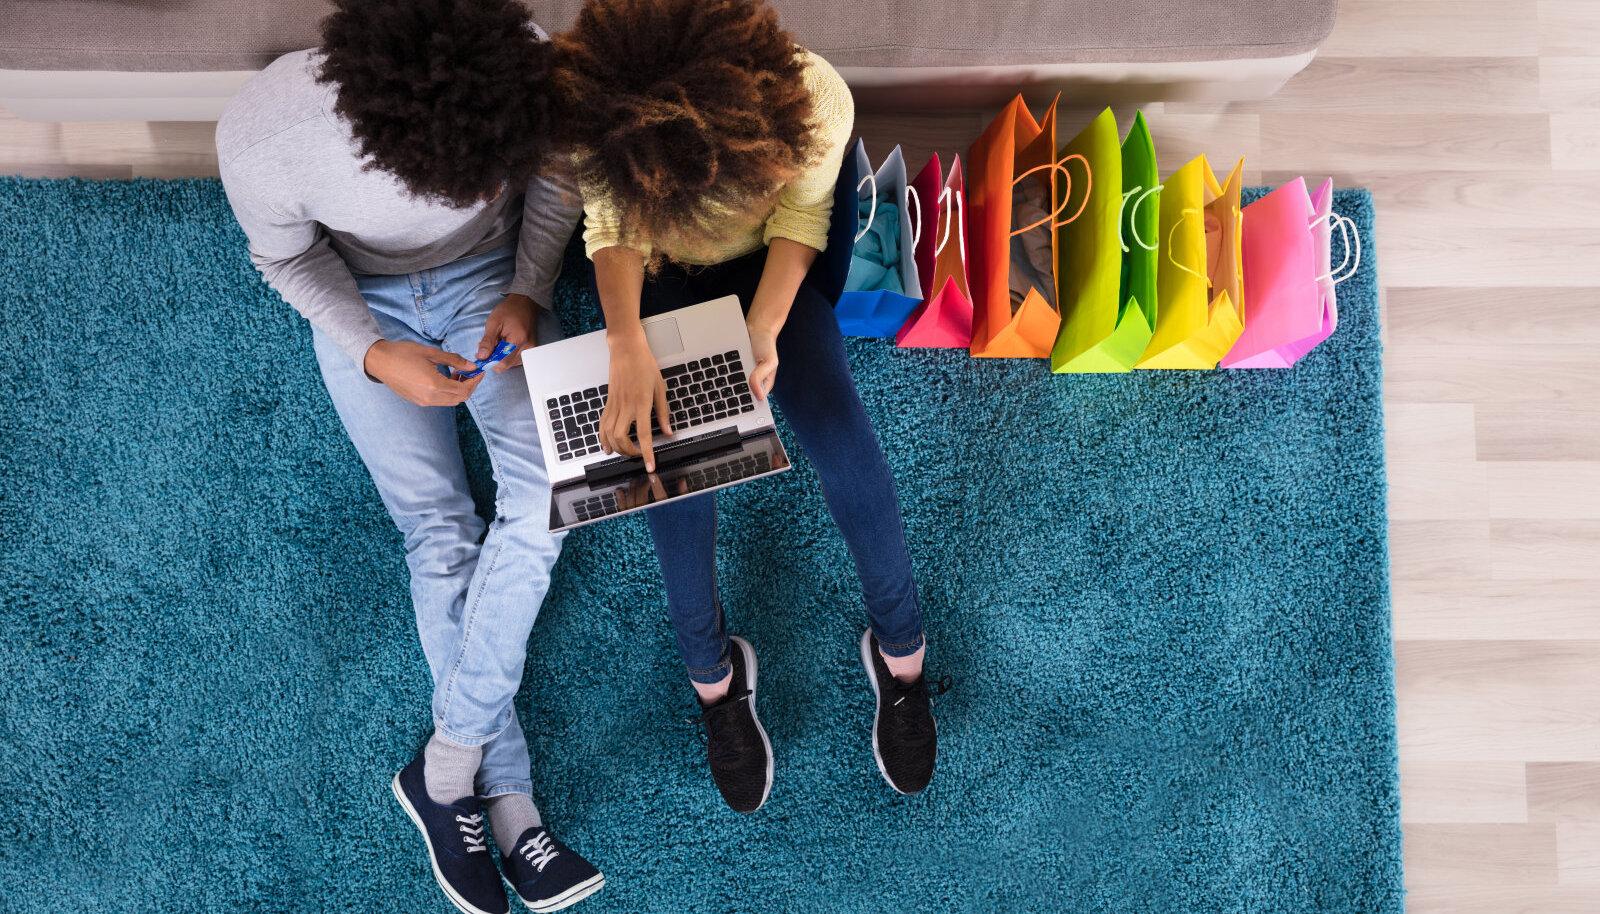 Internetipõhise live shoppingu juured ulatuvad Hiinasse